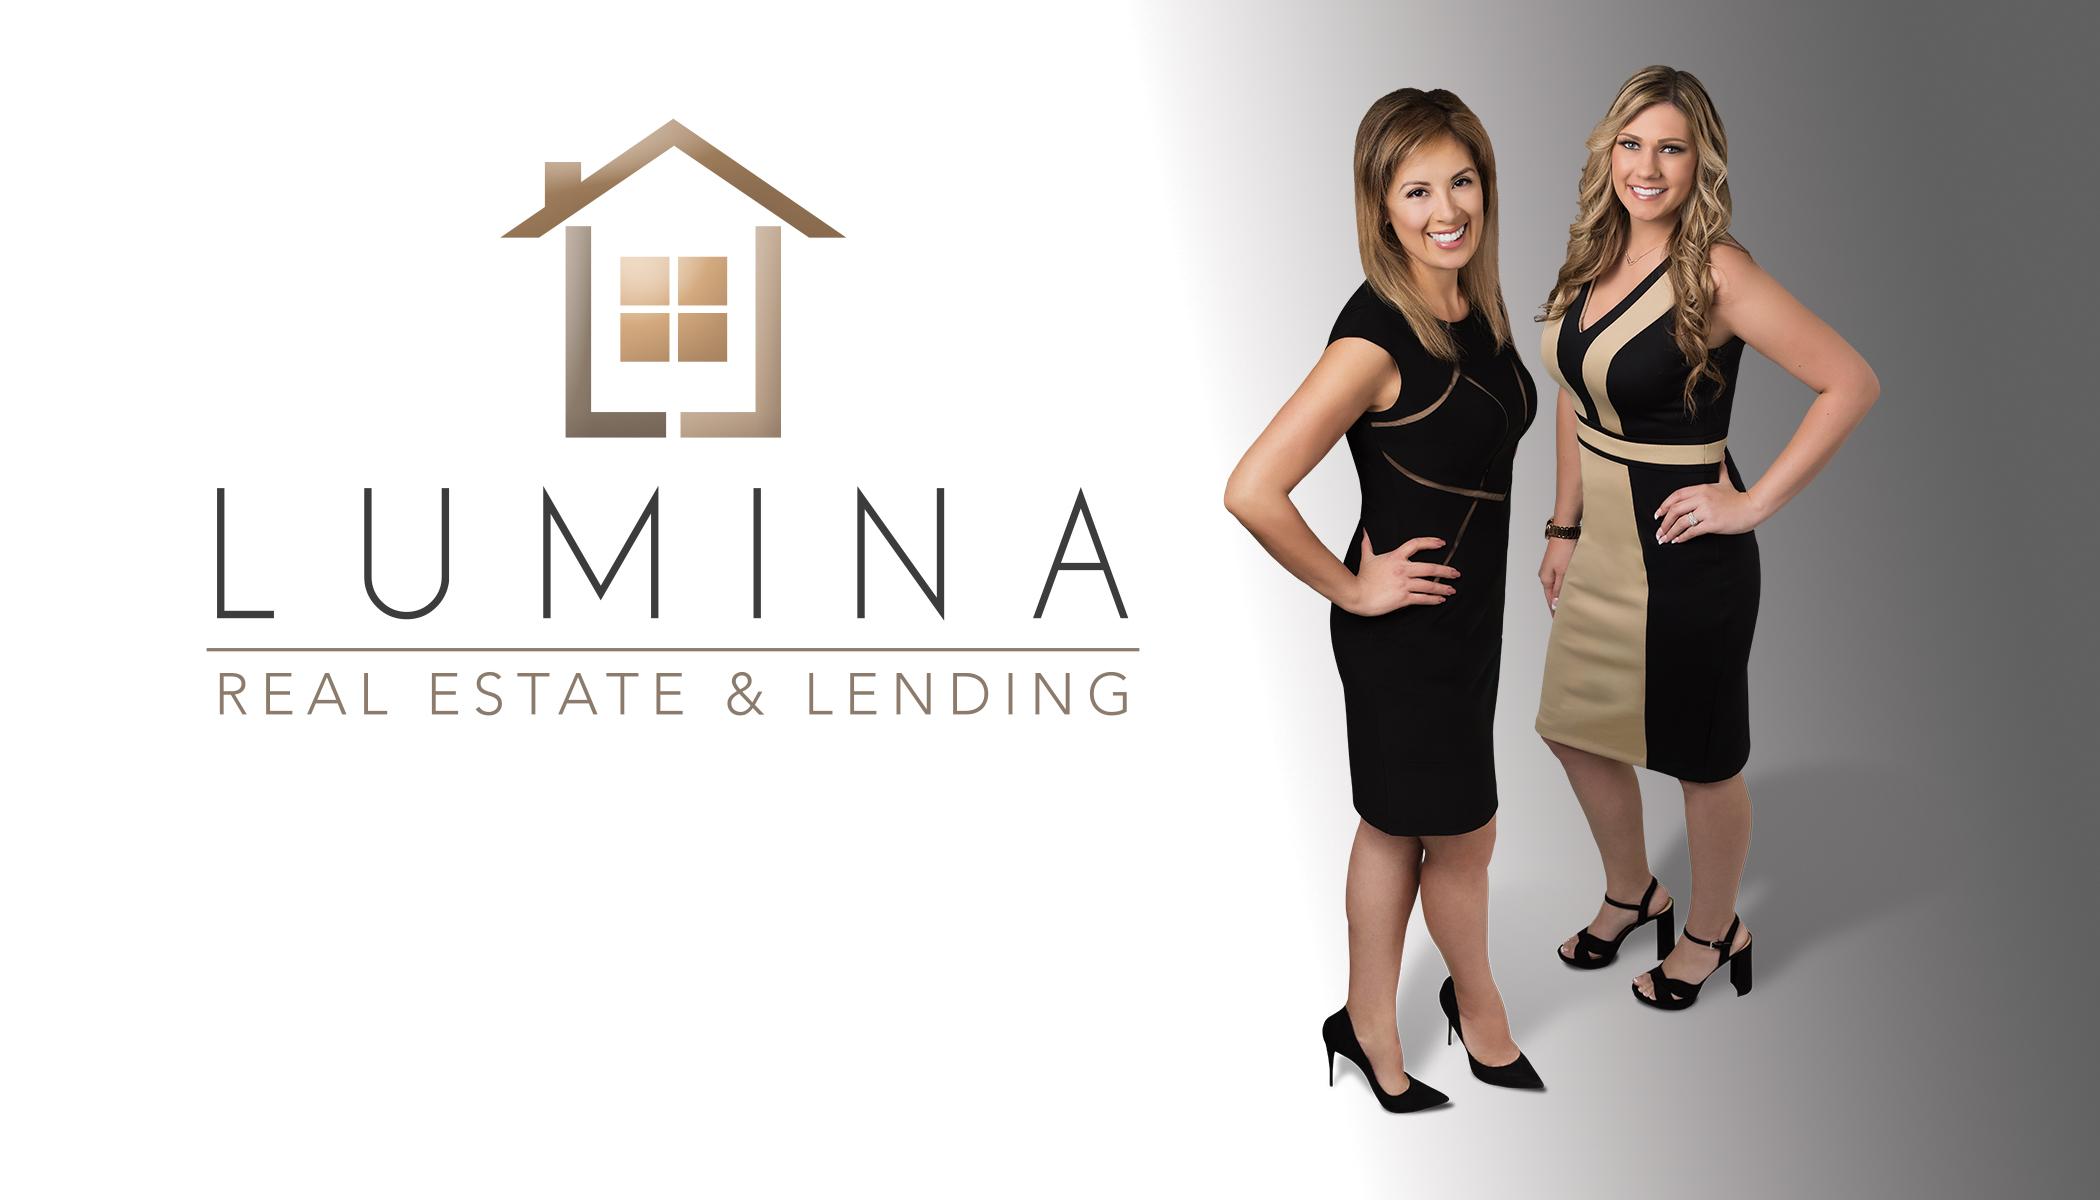 Lumina Real Estate & Lending slide #1